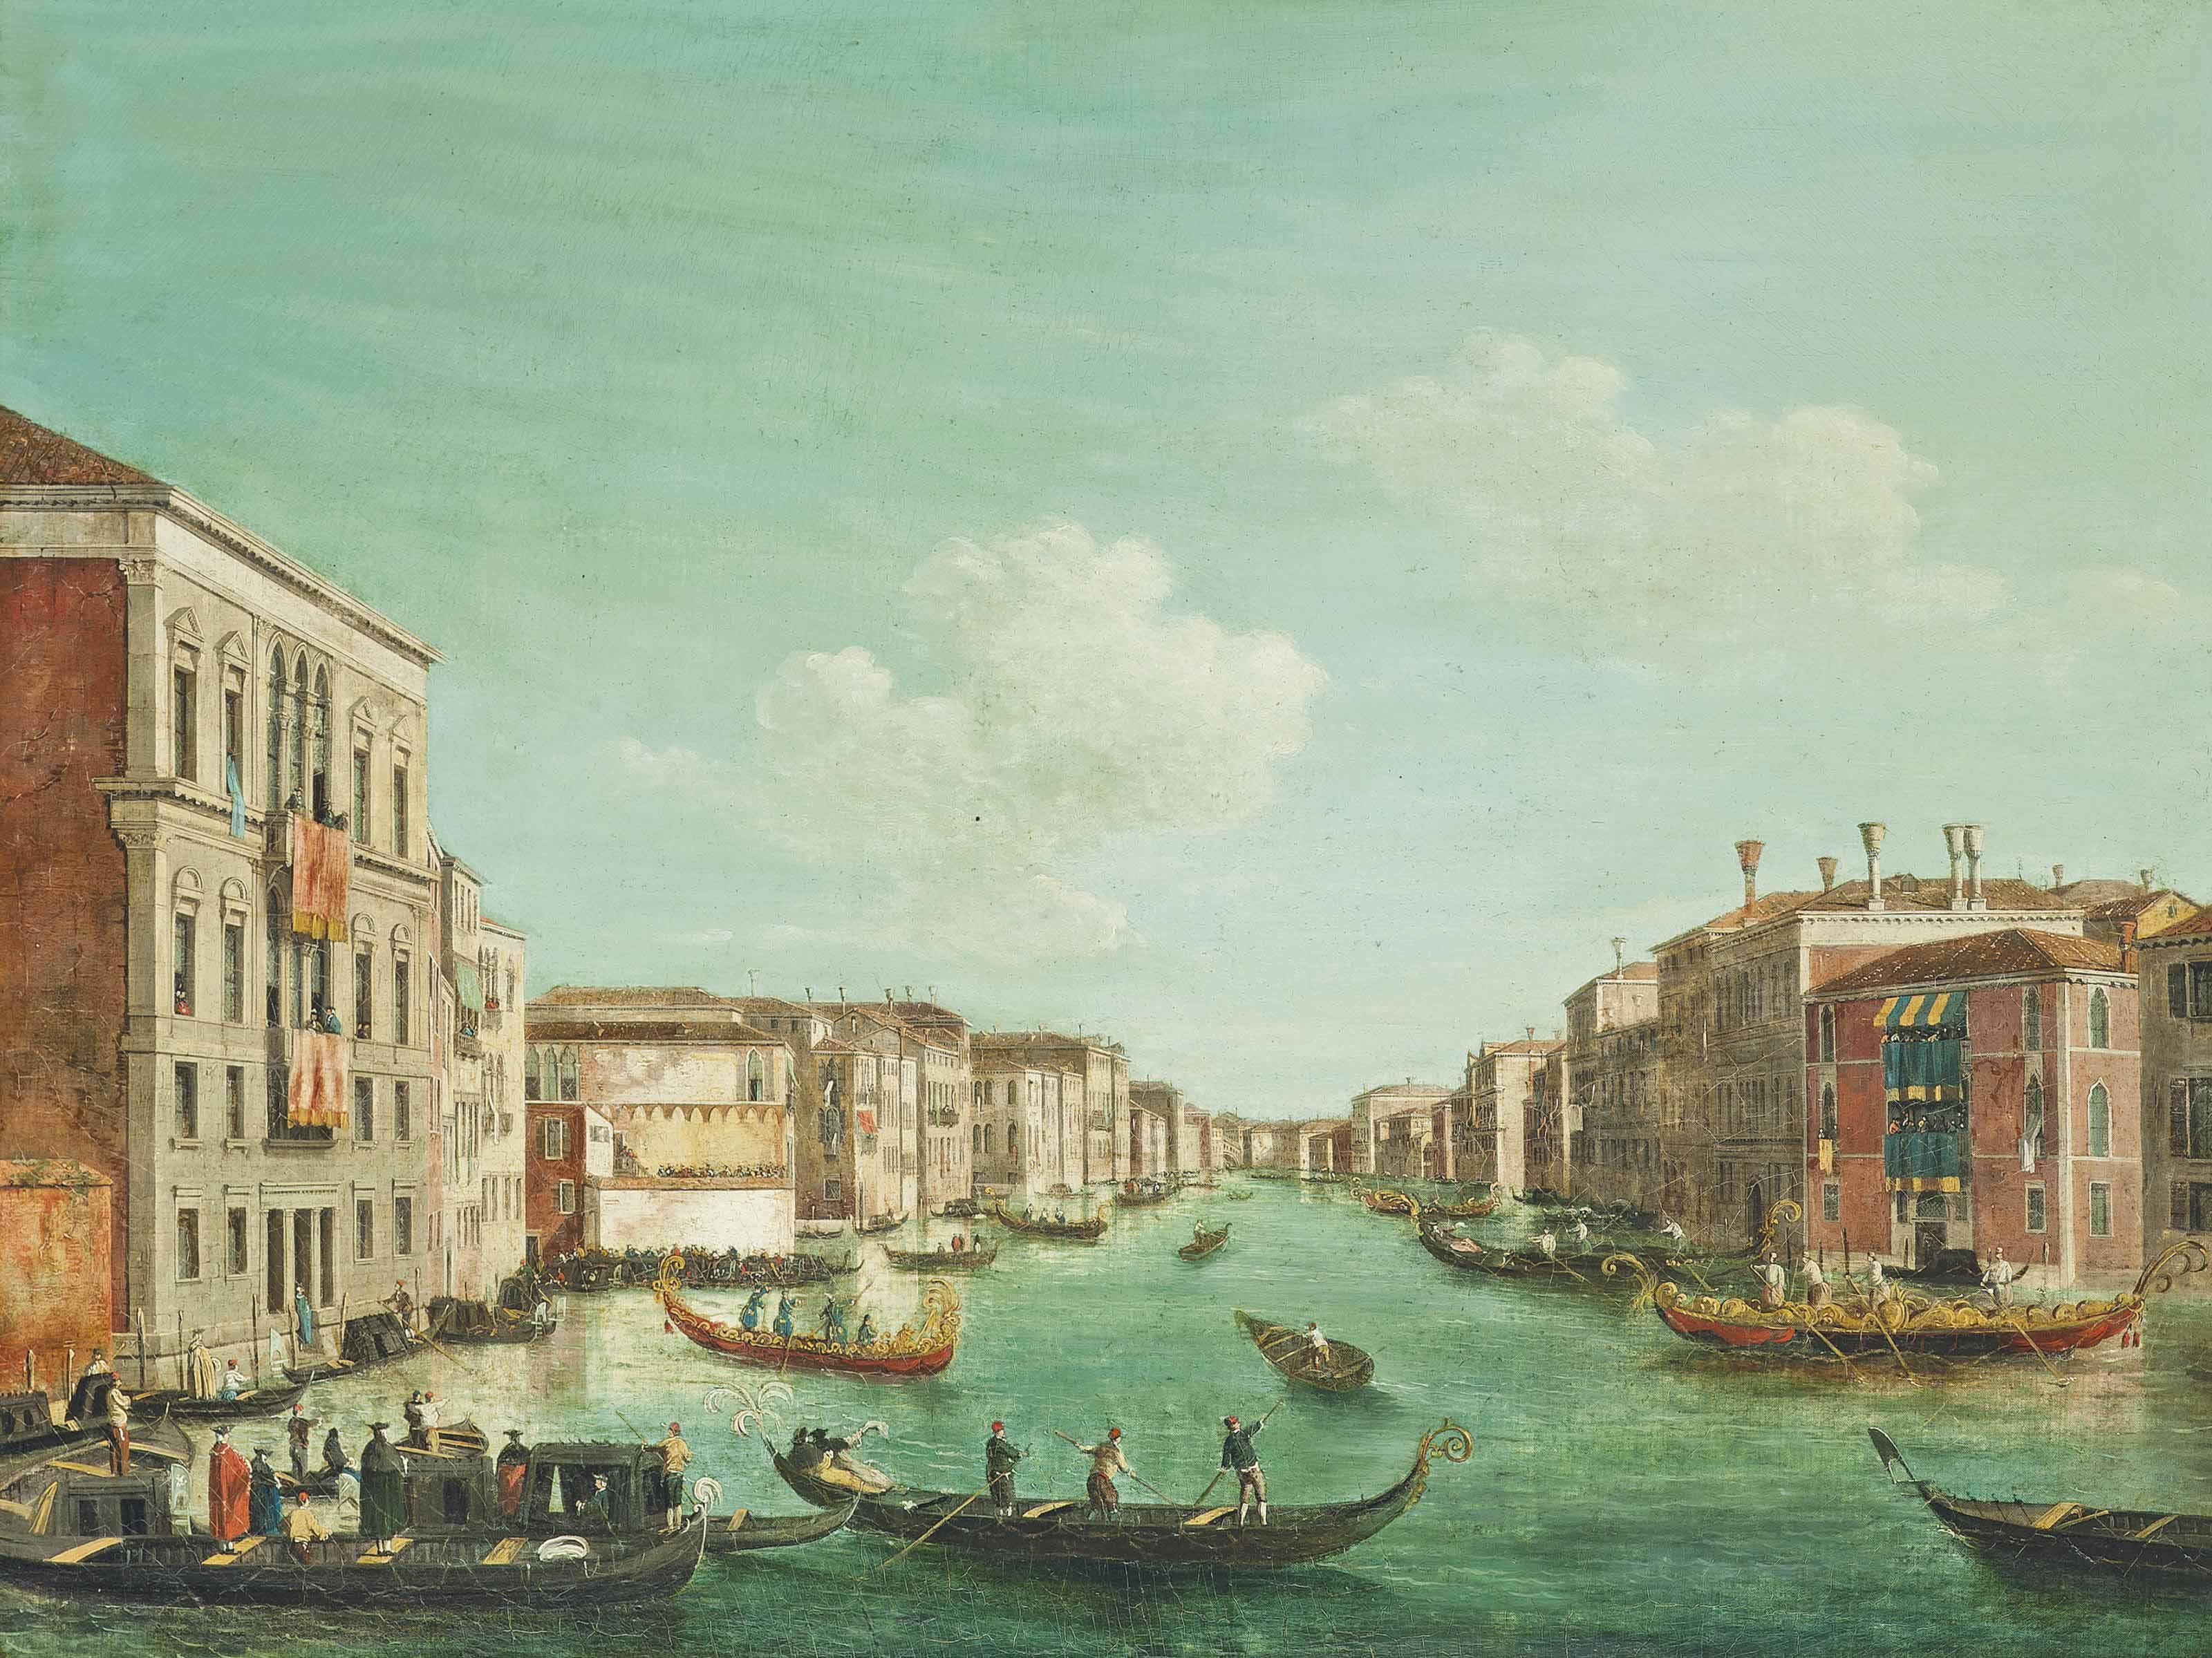 Follower of Giovanni Antonio Canal, il Canaletto